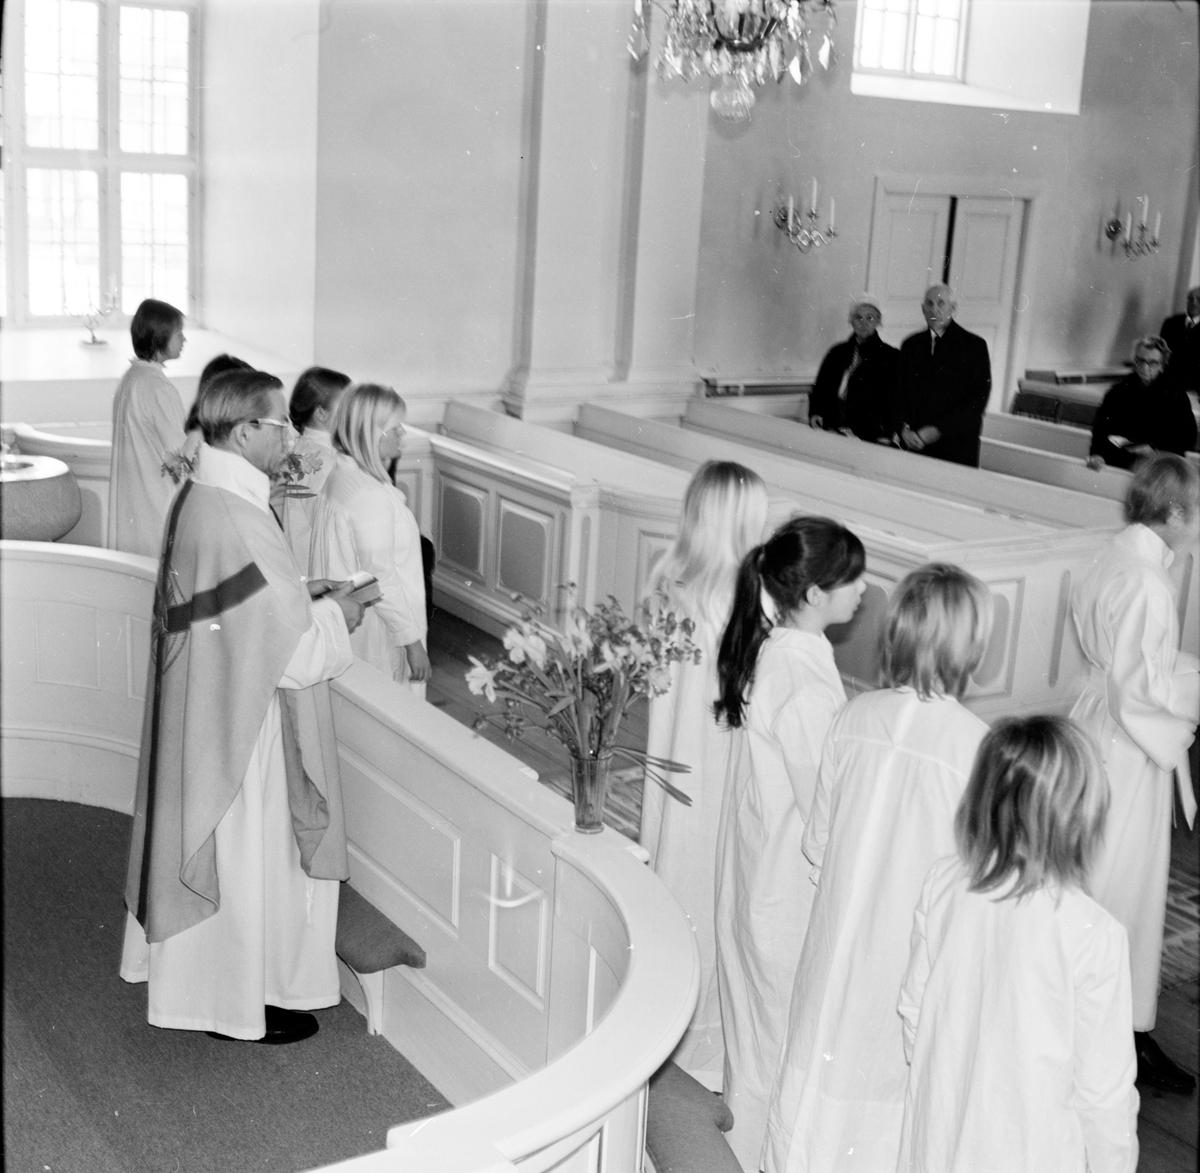 Undersvik, Påsken 1970 i kyrkan, April 1970